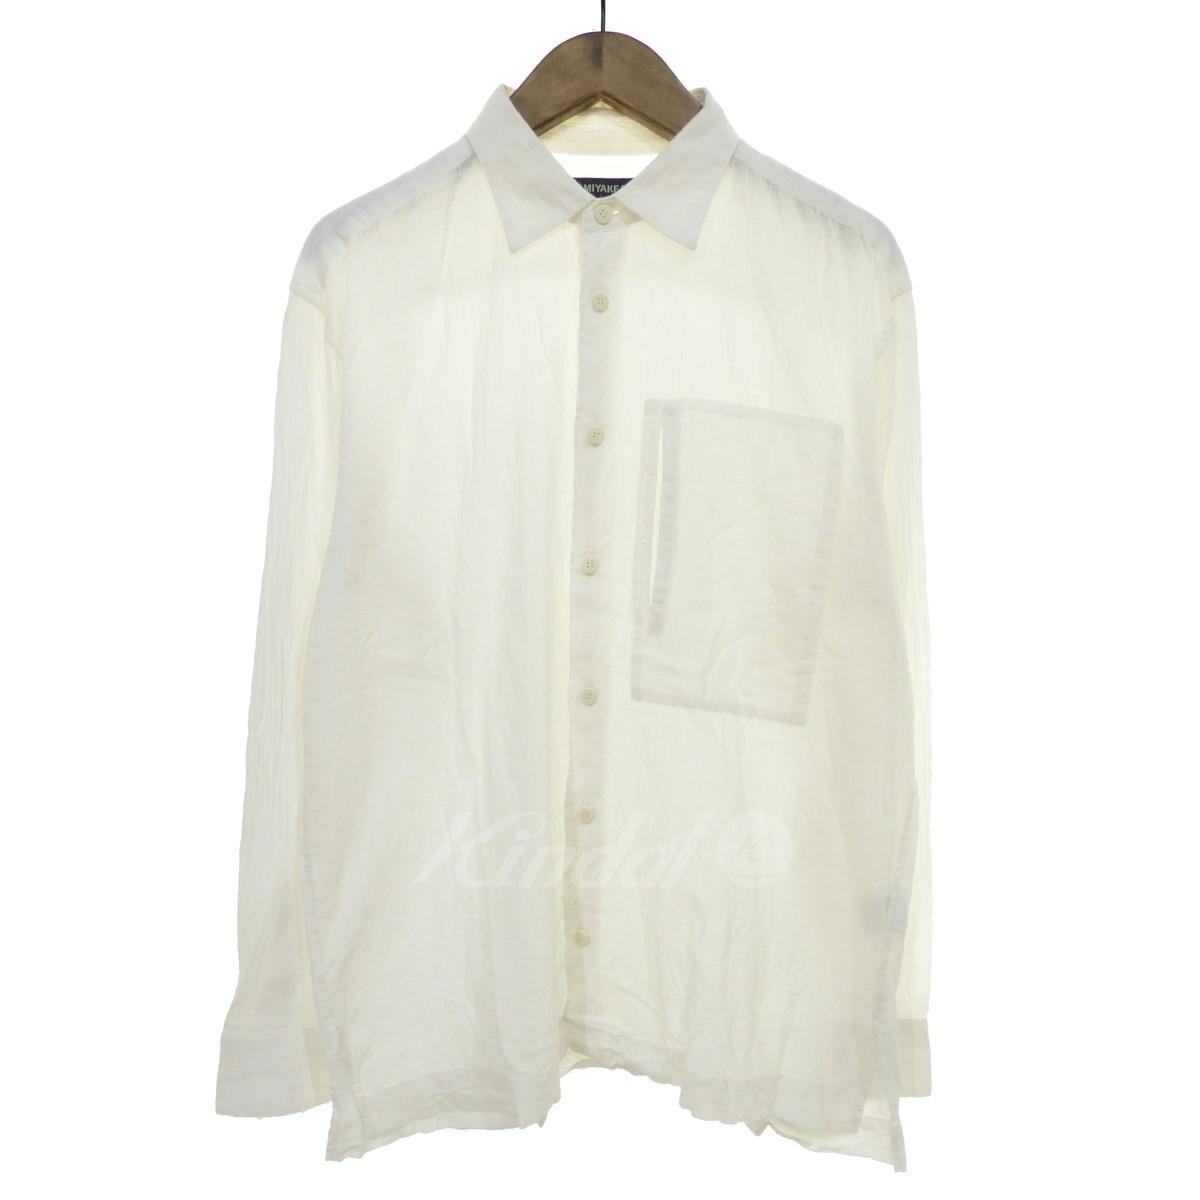 【中古】ISSEY MIYAKE MEN 【2017S/S】コットンシャツ ホワイト サイズ:2 【送料無料】 【250818】(イッセイミヤケ)